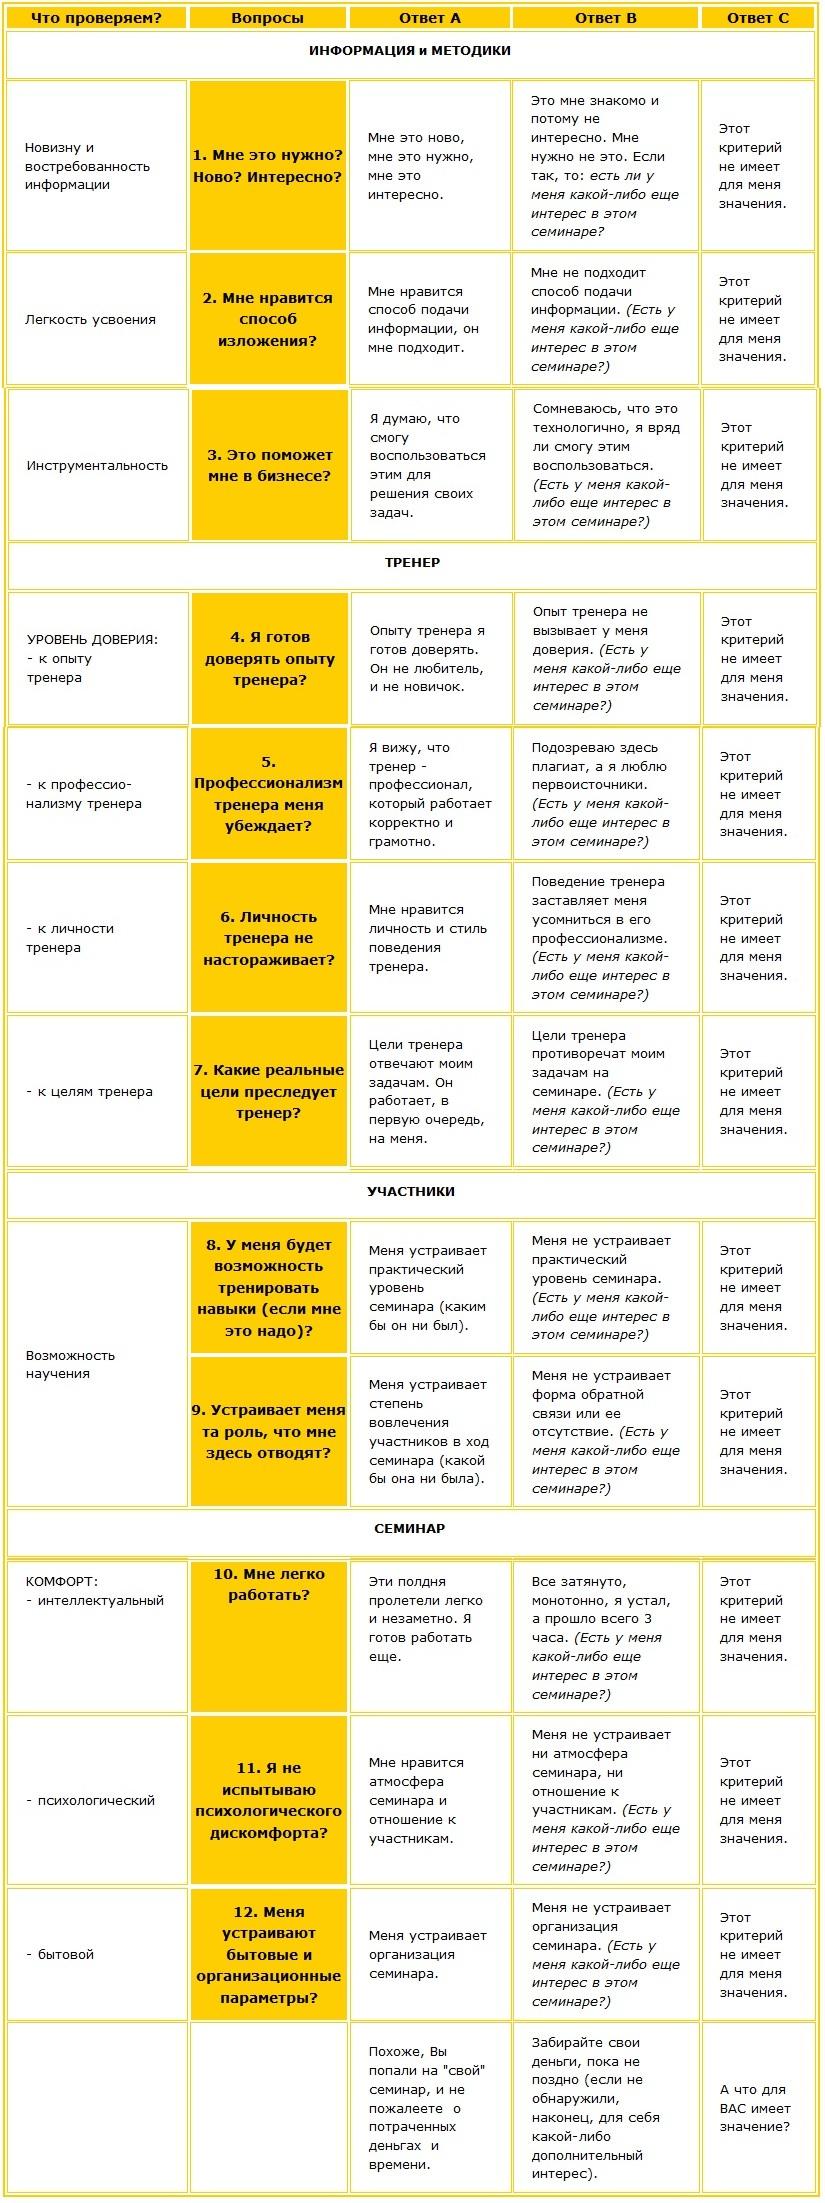 Как оценить эффективность семинара